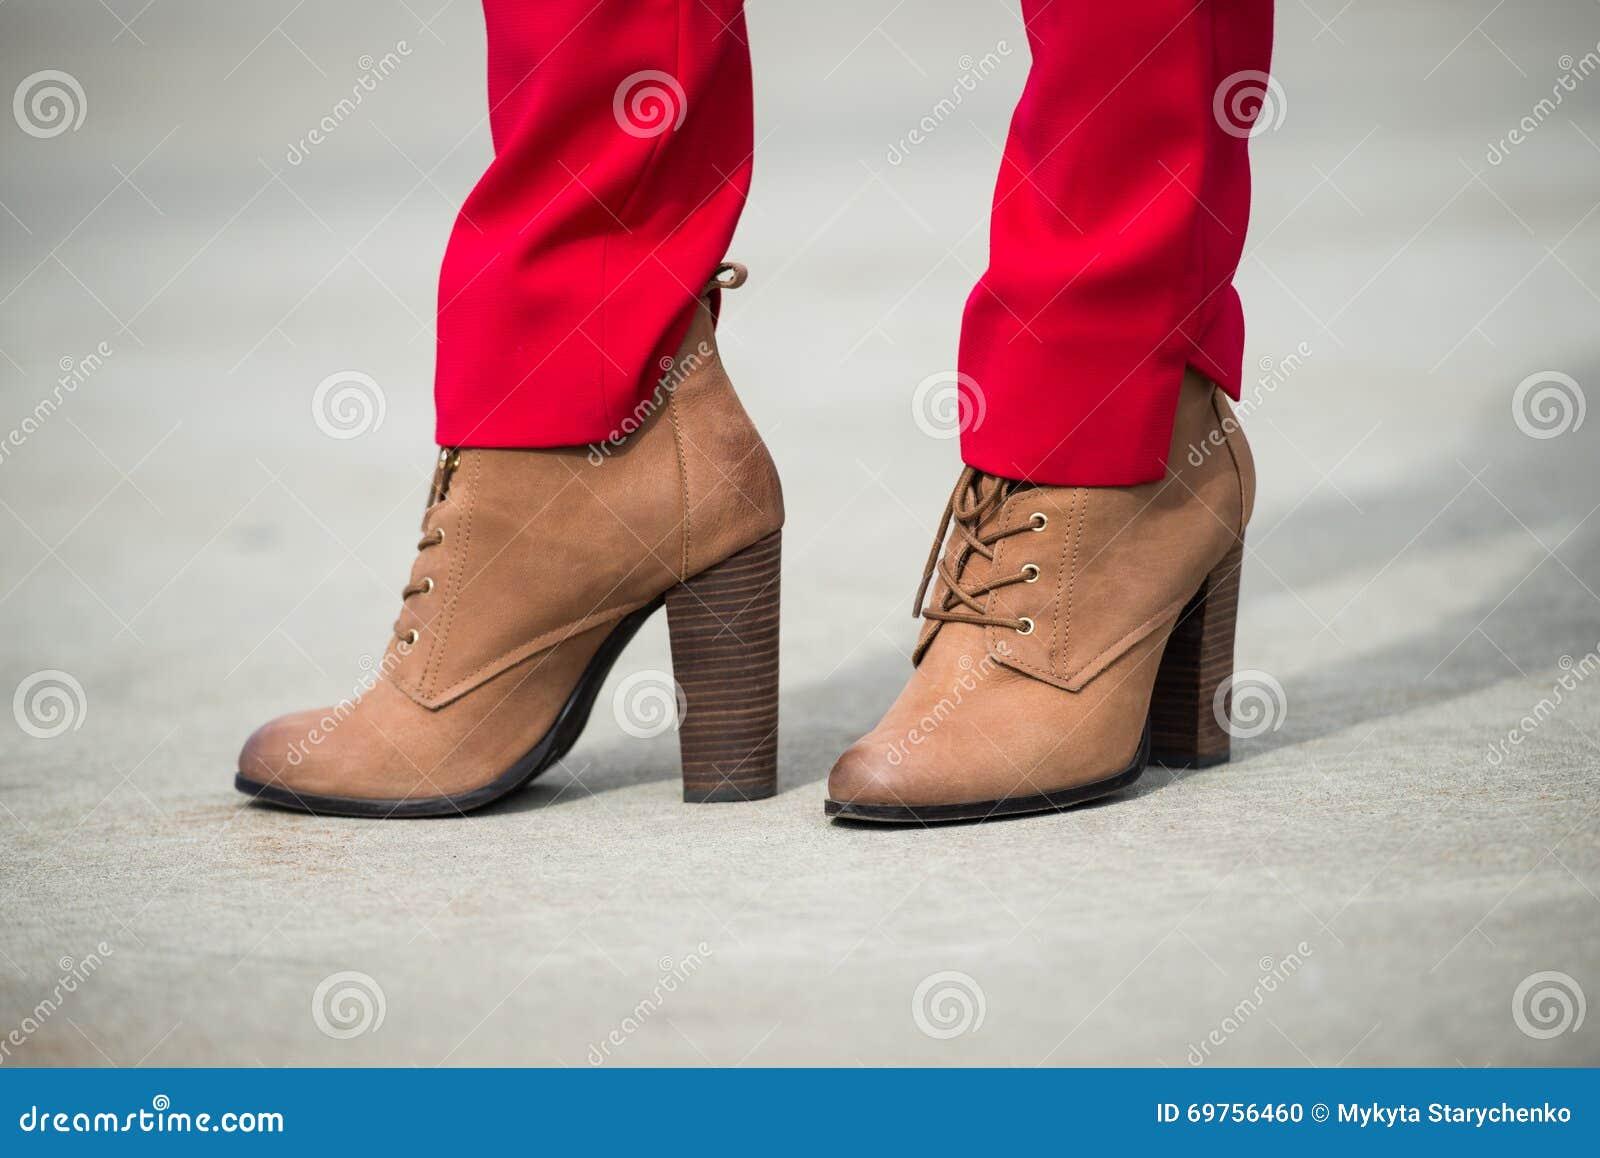 Tout Savoir Sur Le Cuir portant rouge et en femme cuir pantalon les chaussures le